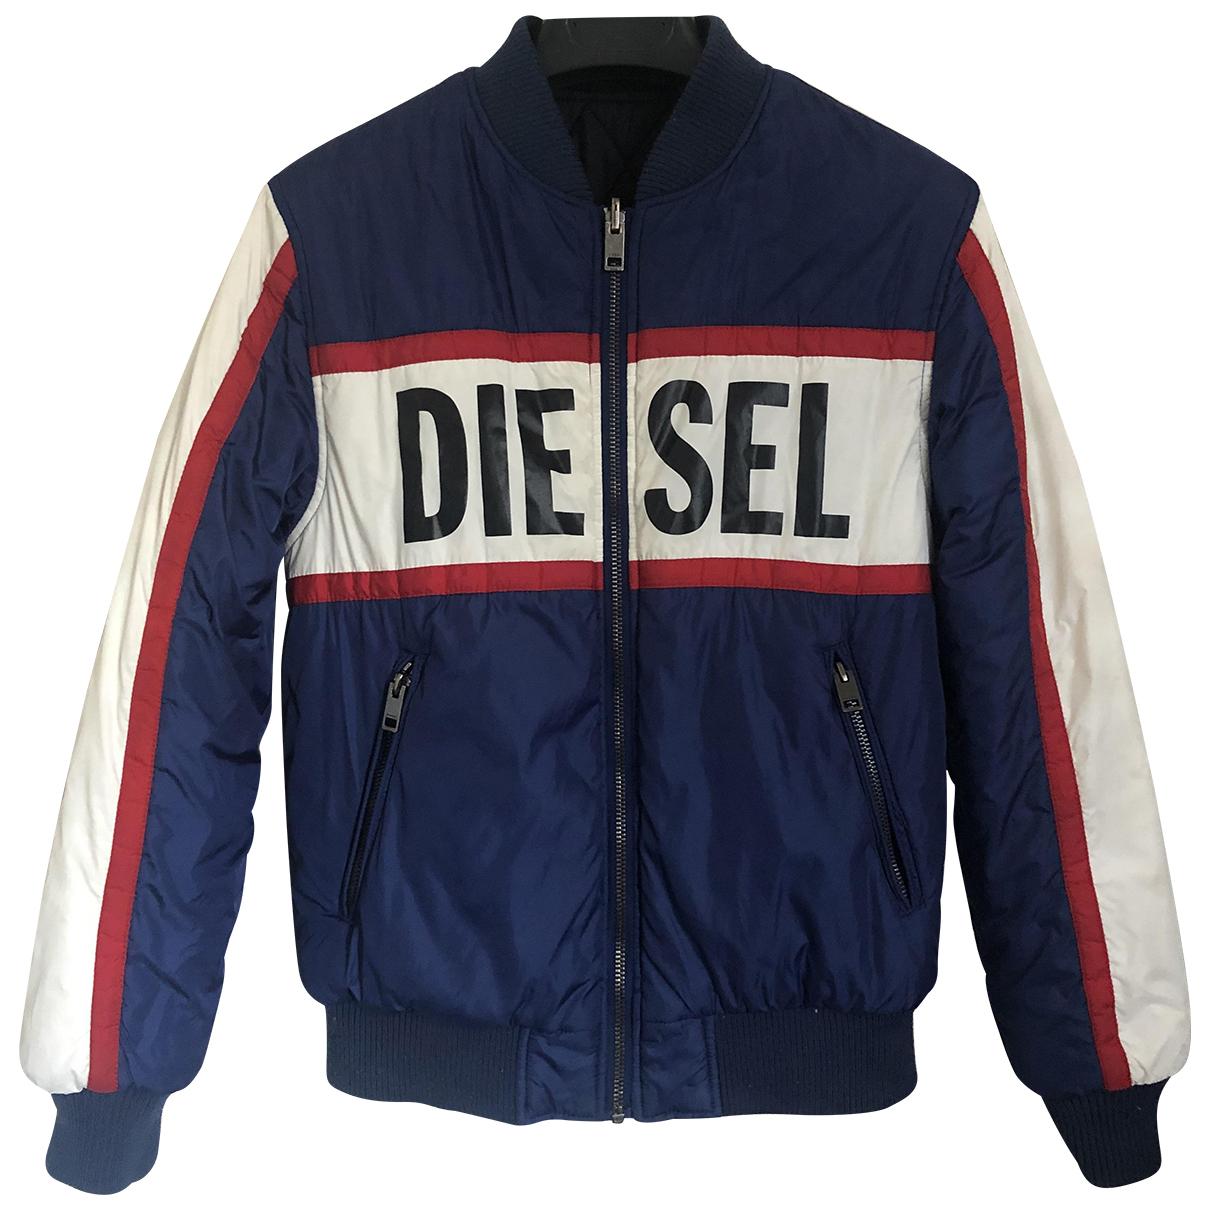 Diesel N Multicolour jacket & coat for Kids 12 years - XS UK